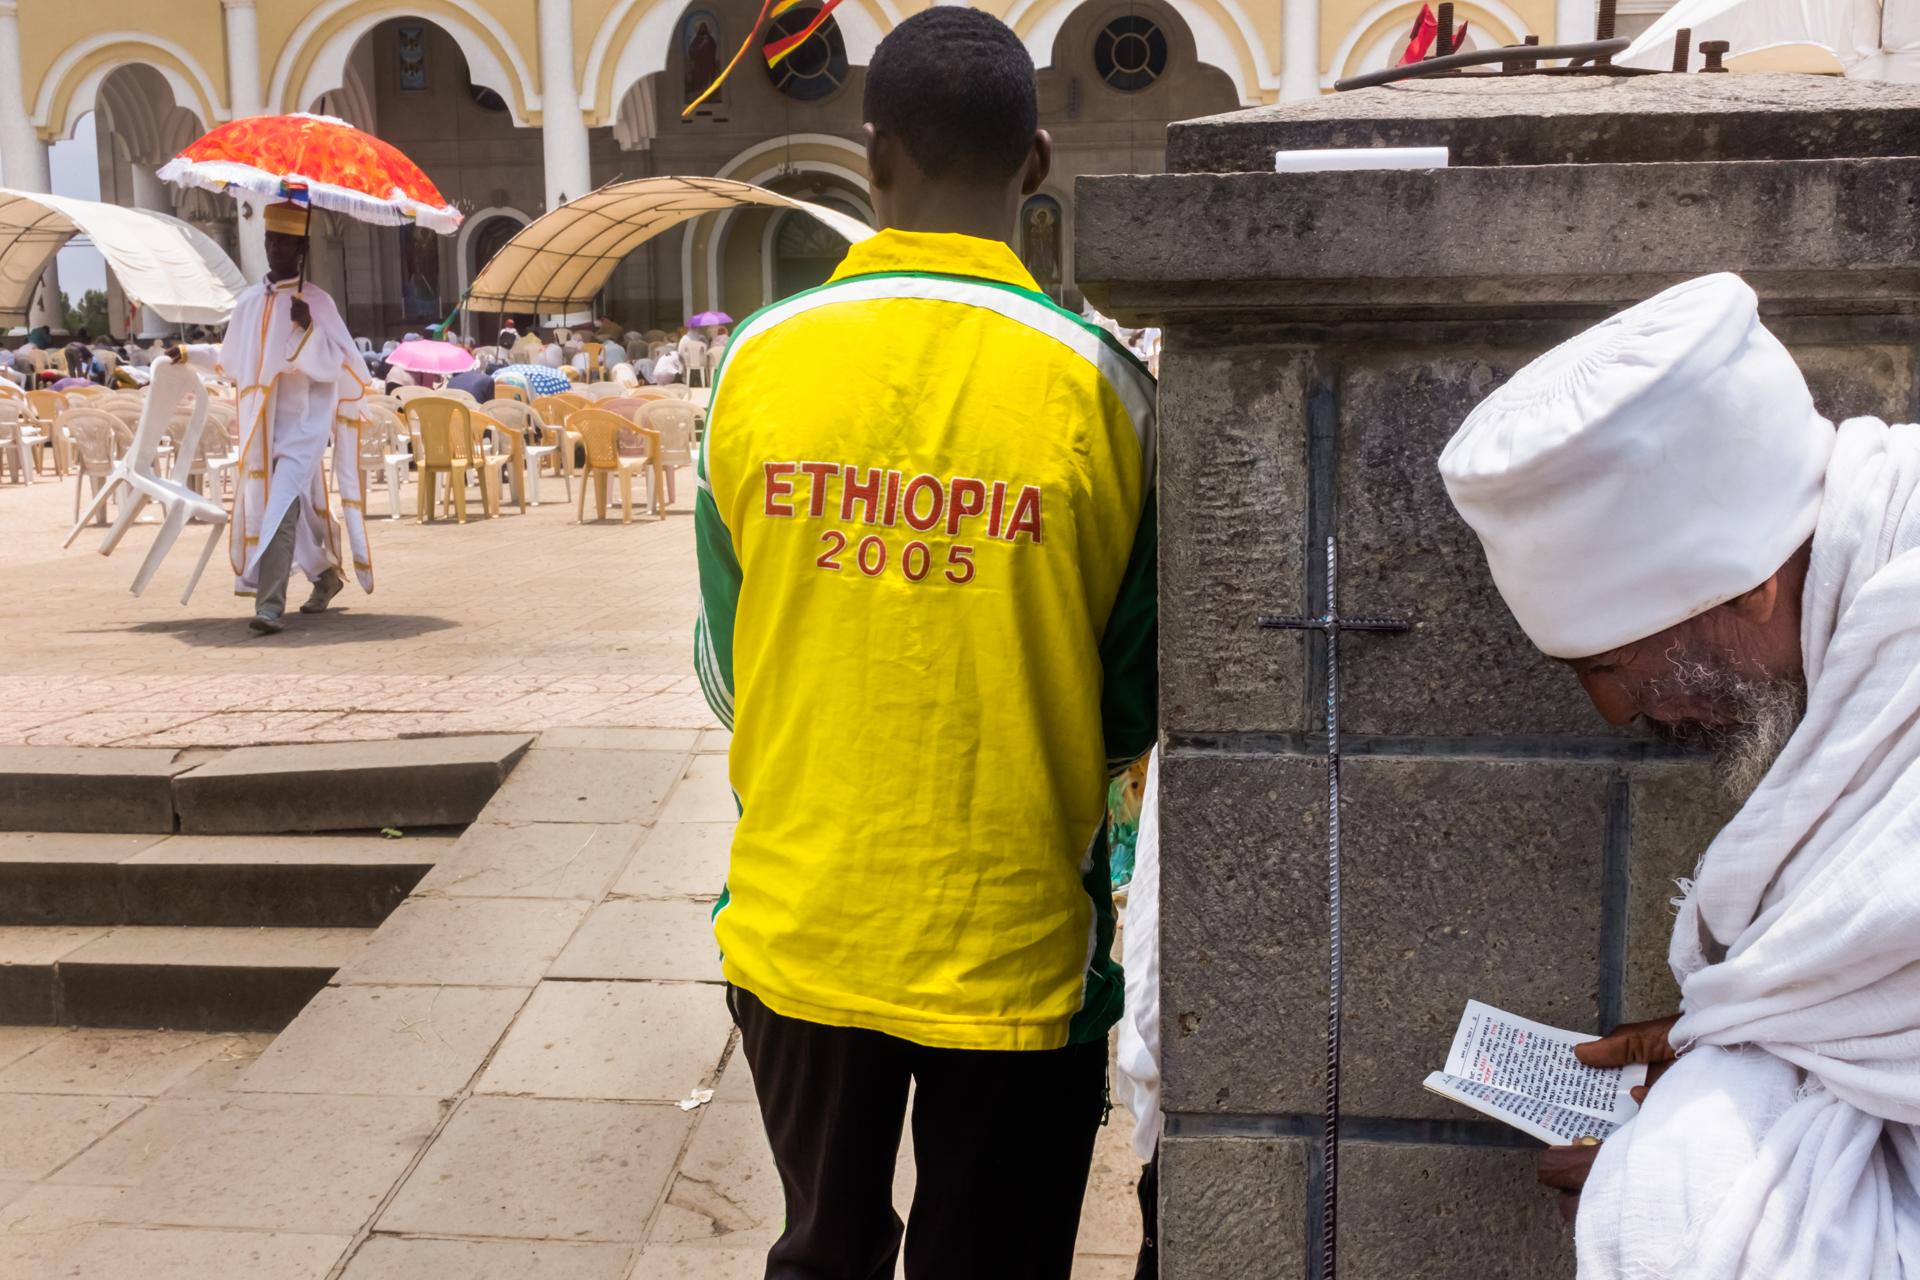 Ethiopia 2005